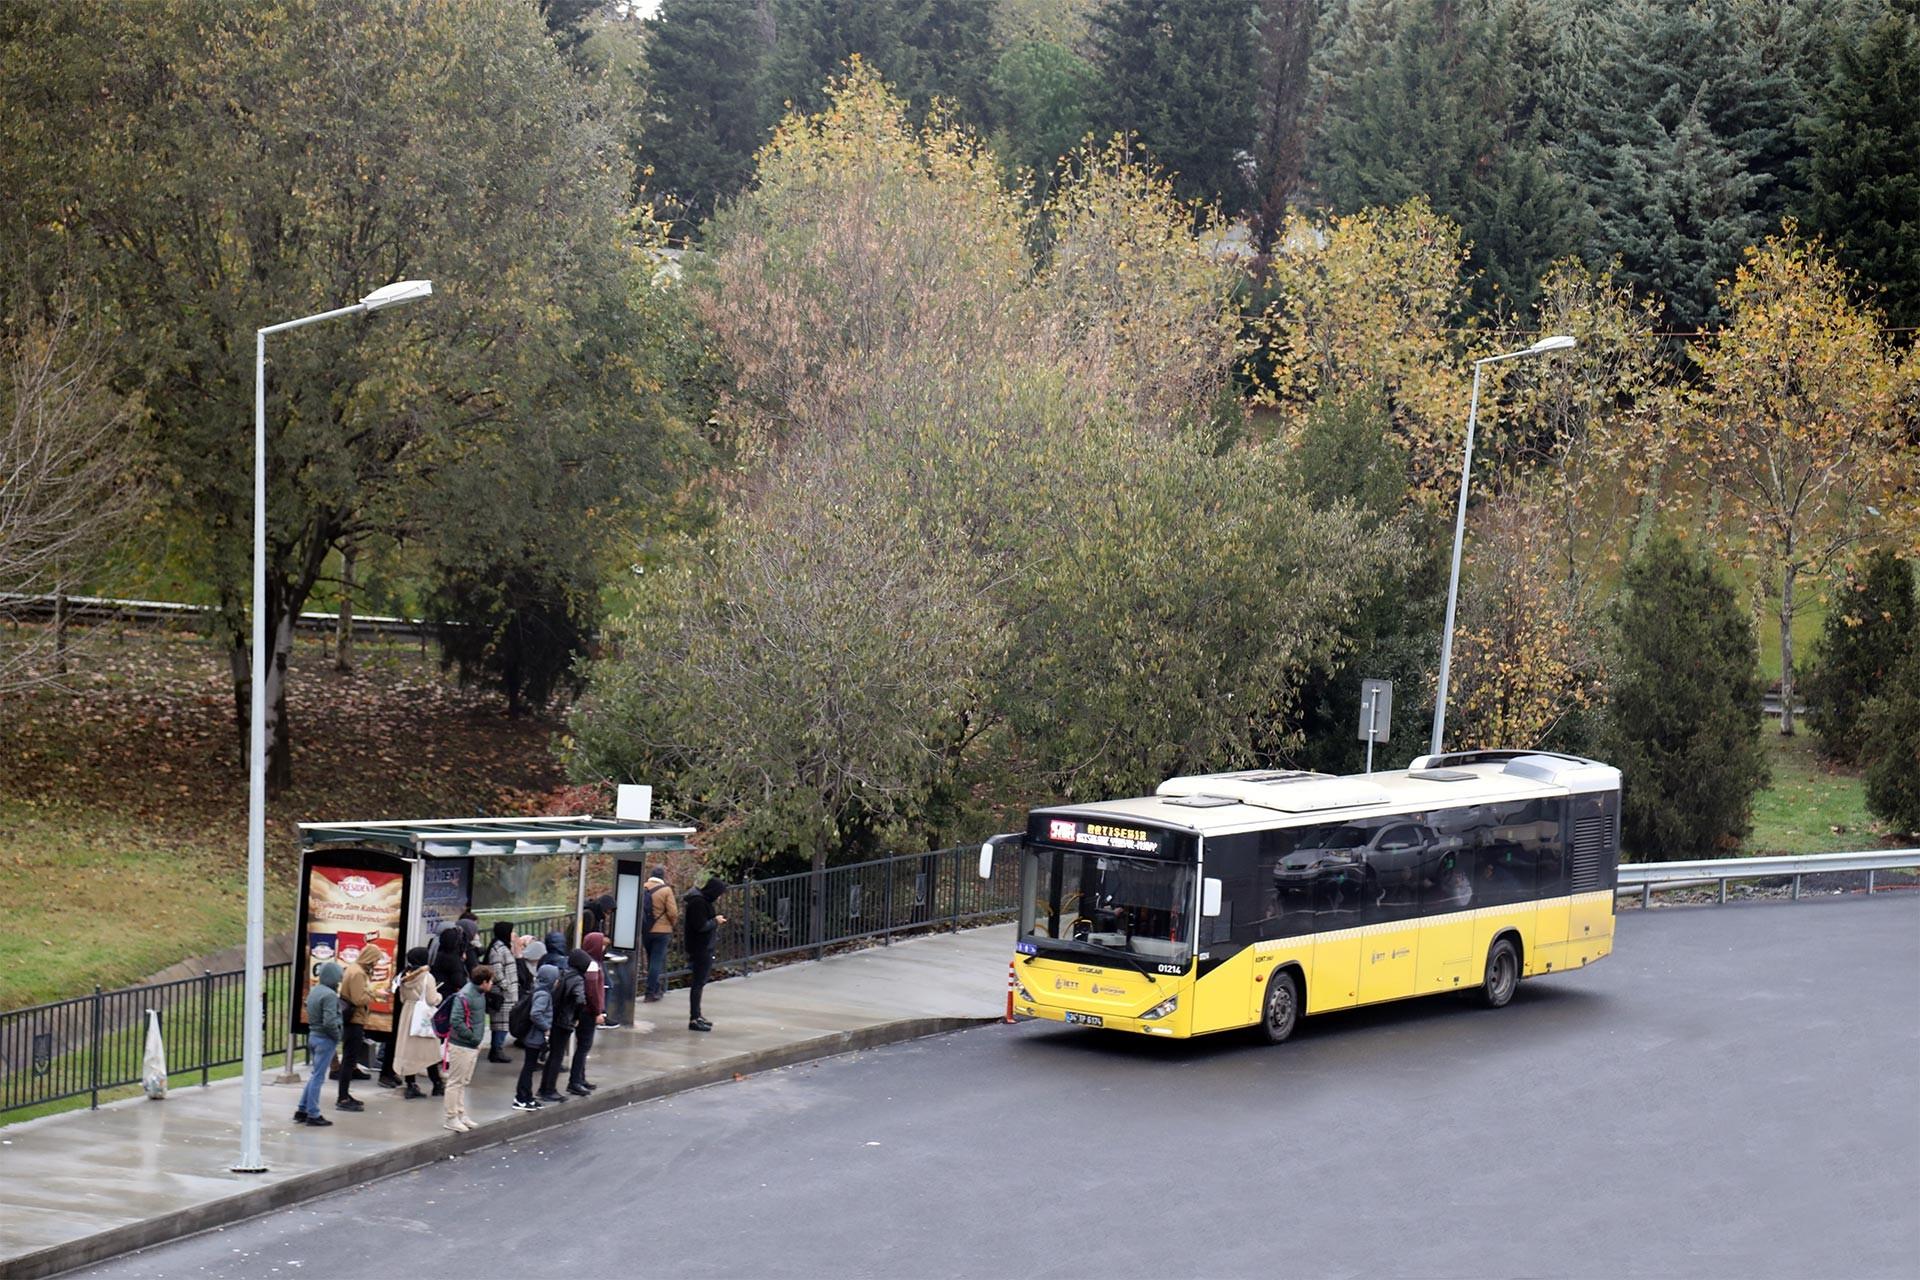 Durakta otobüsbekleyen yolcular ve durağa yanaşan İETT otobüsü